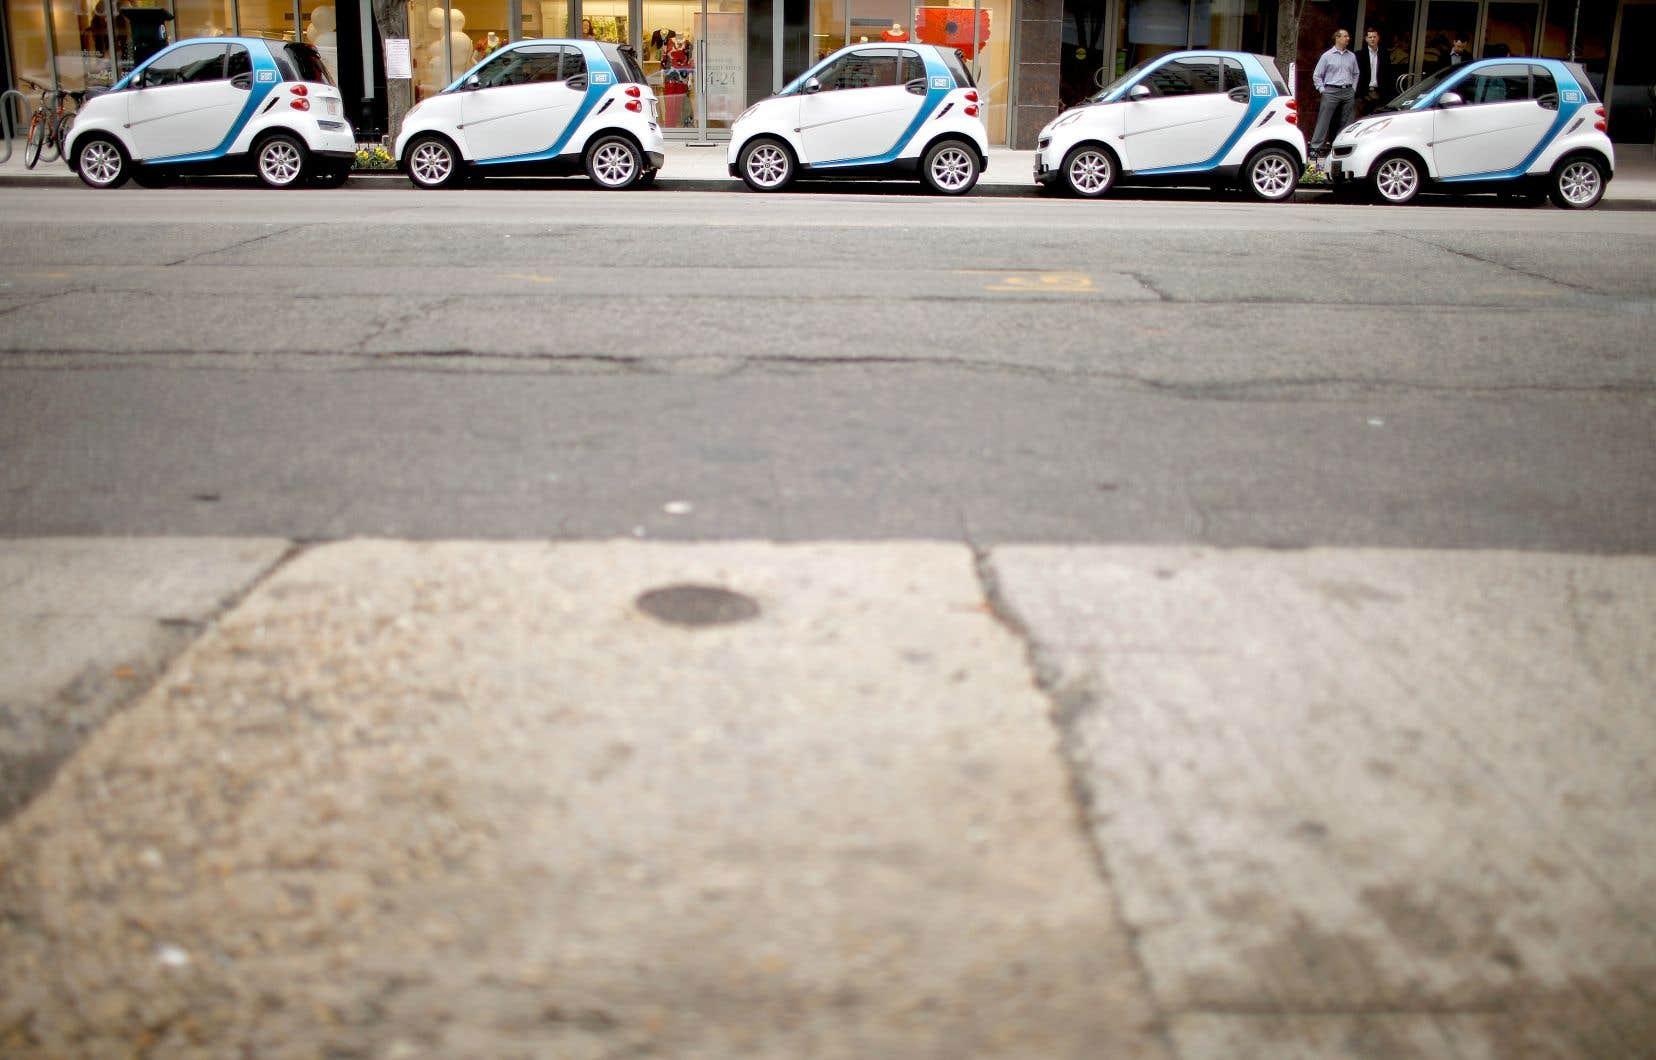 L'entreprise de location de véhicules en libre partage Car2go, récemment rebaptisée Share Now, a décidé de se retirer de toute l'Amérique du Nord et de concentrer ses services en Europe.